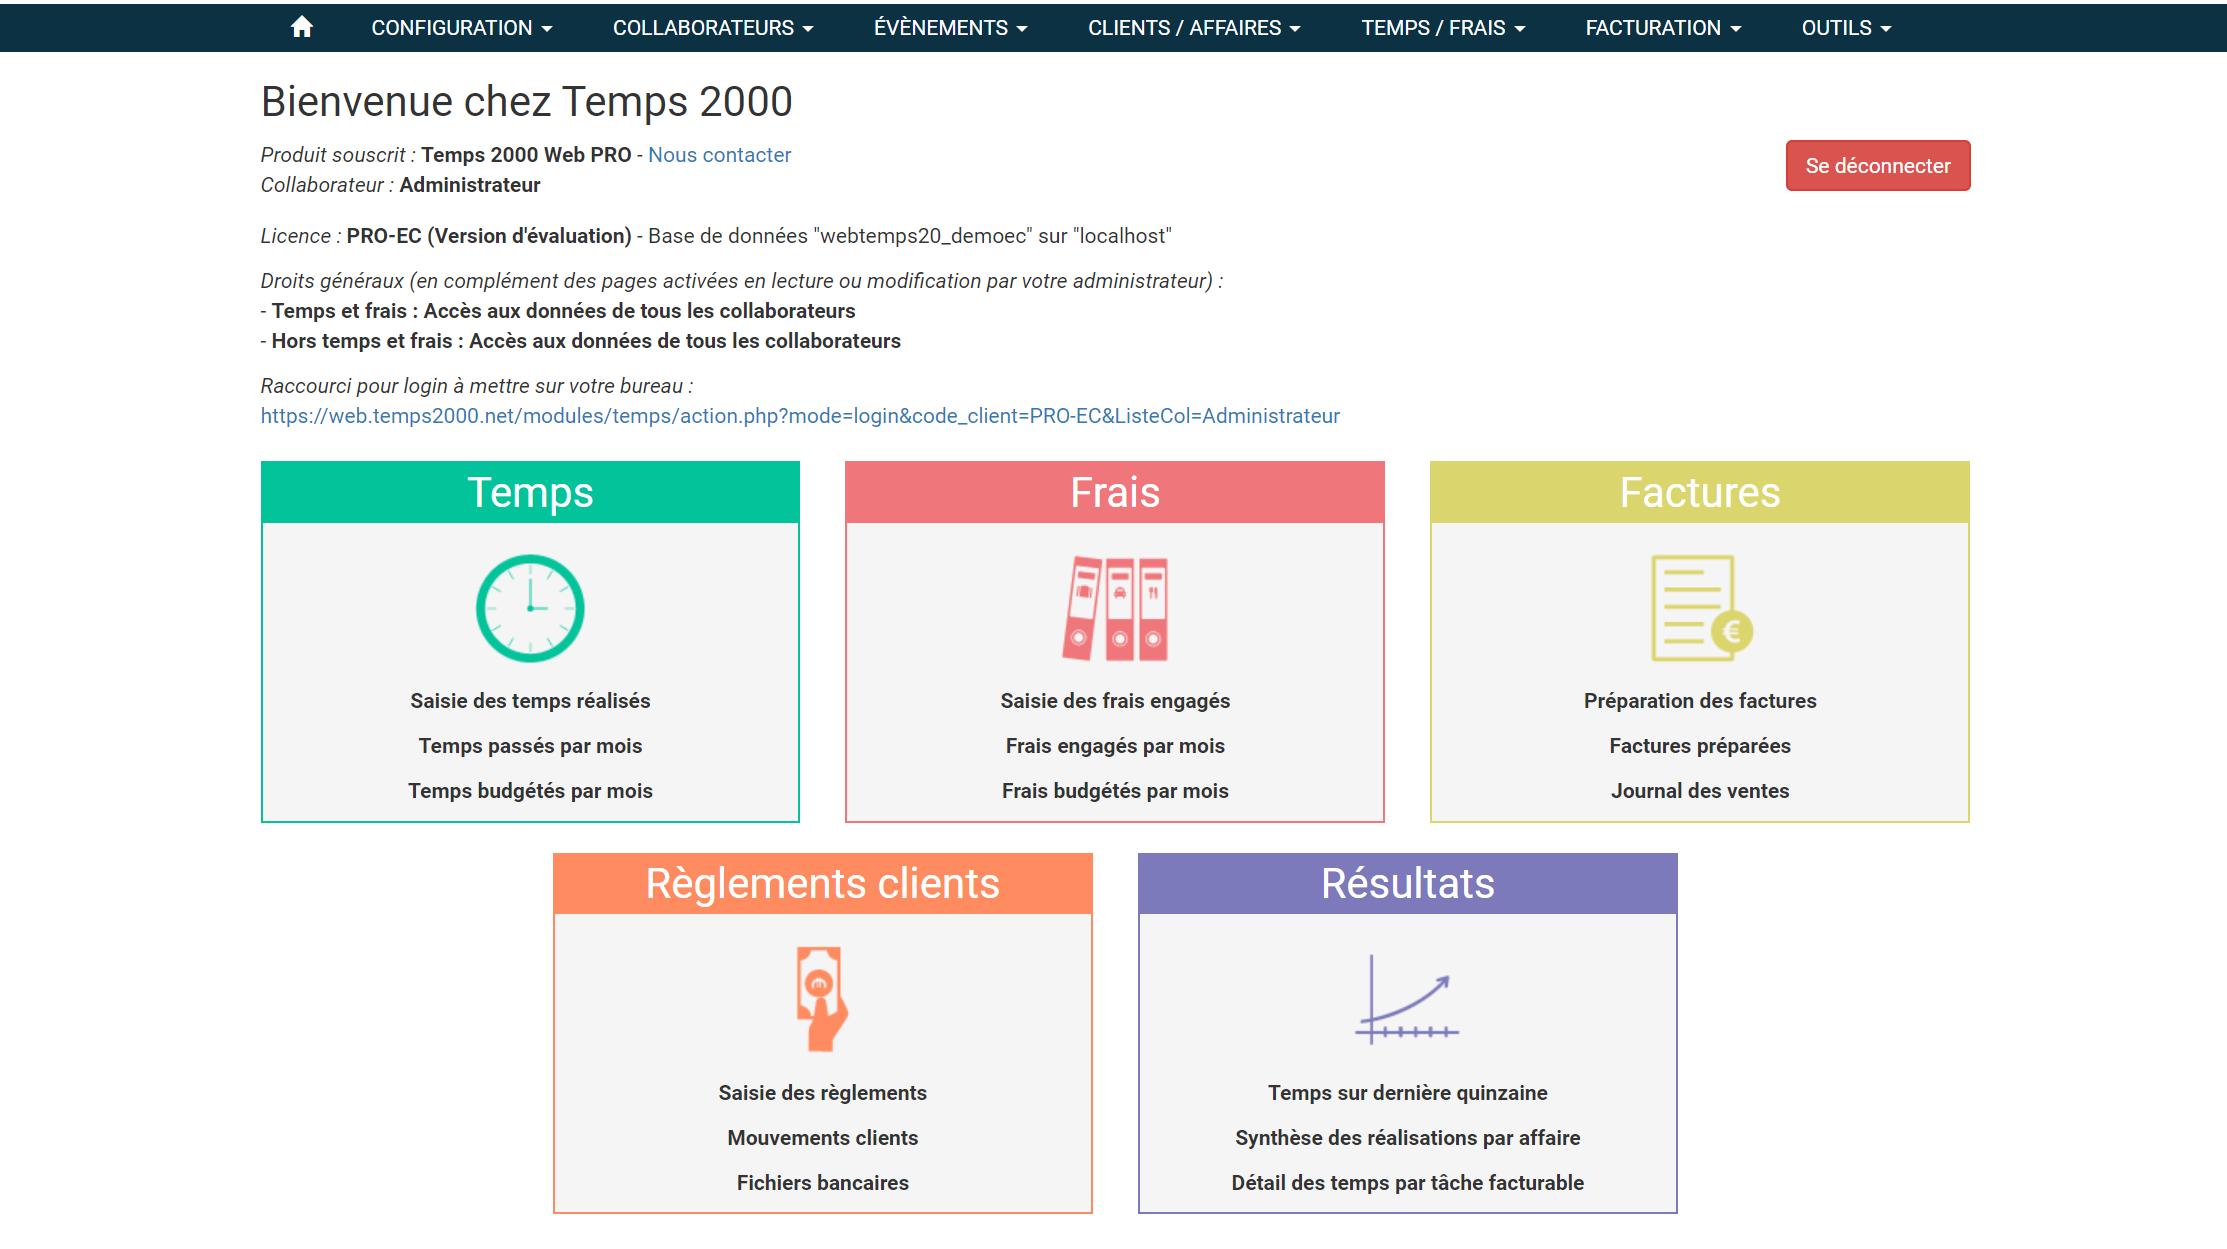 Page d'accueil de Temps 2000 Web Pro